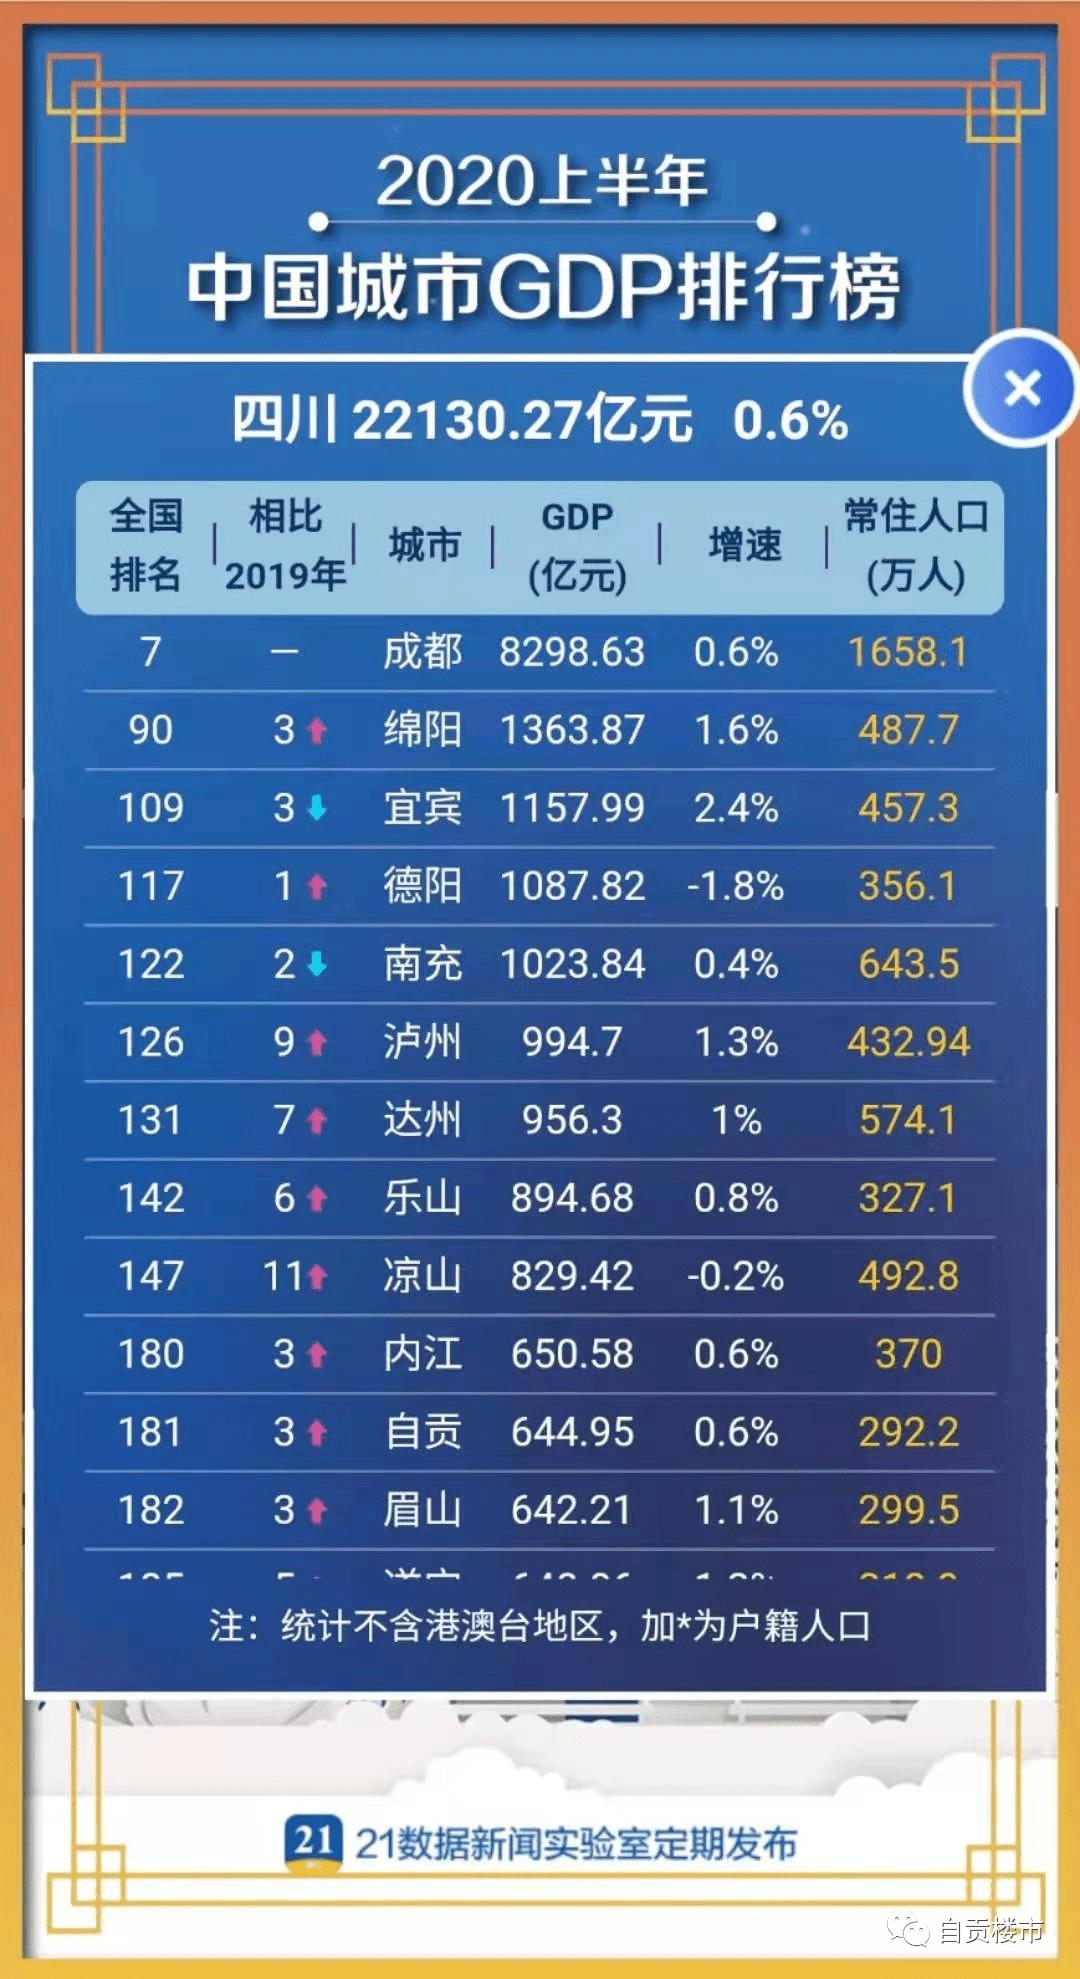 △自贡GDP排名在四川来说不大乐观/21数据新闻实验室